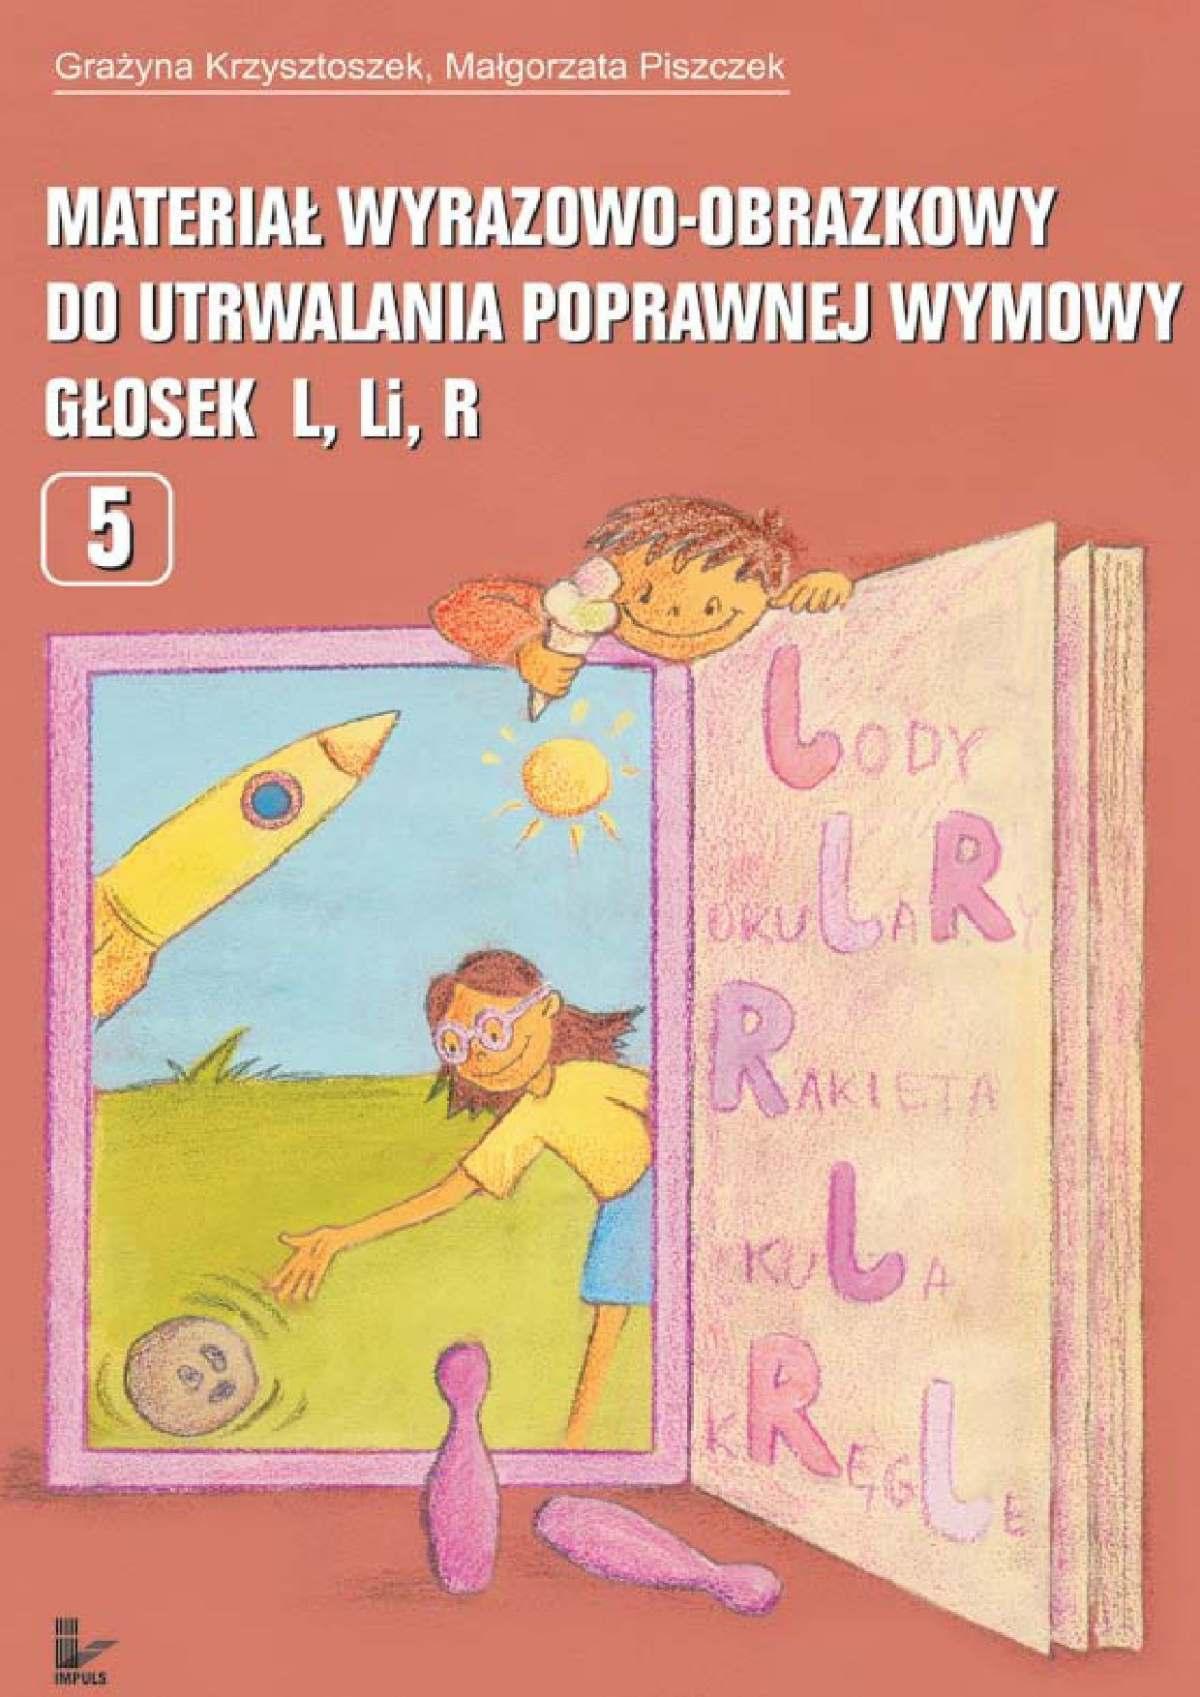 Materiał wyrazowo-obrazkowy do utrwalania poprawnej wymowy głosek l, r - Ebook (Książka EPUB) do pobrania w formacie EPUB